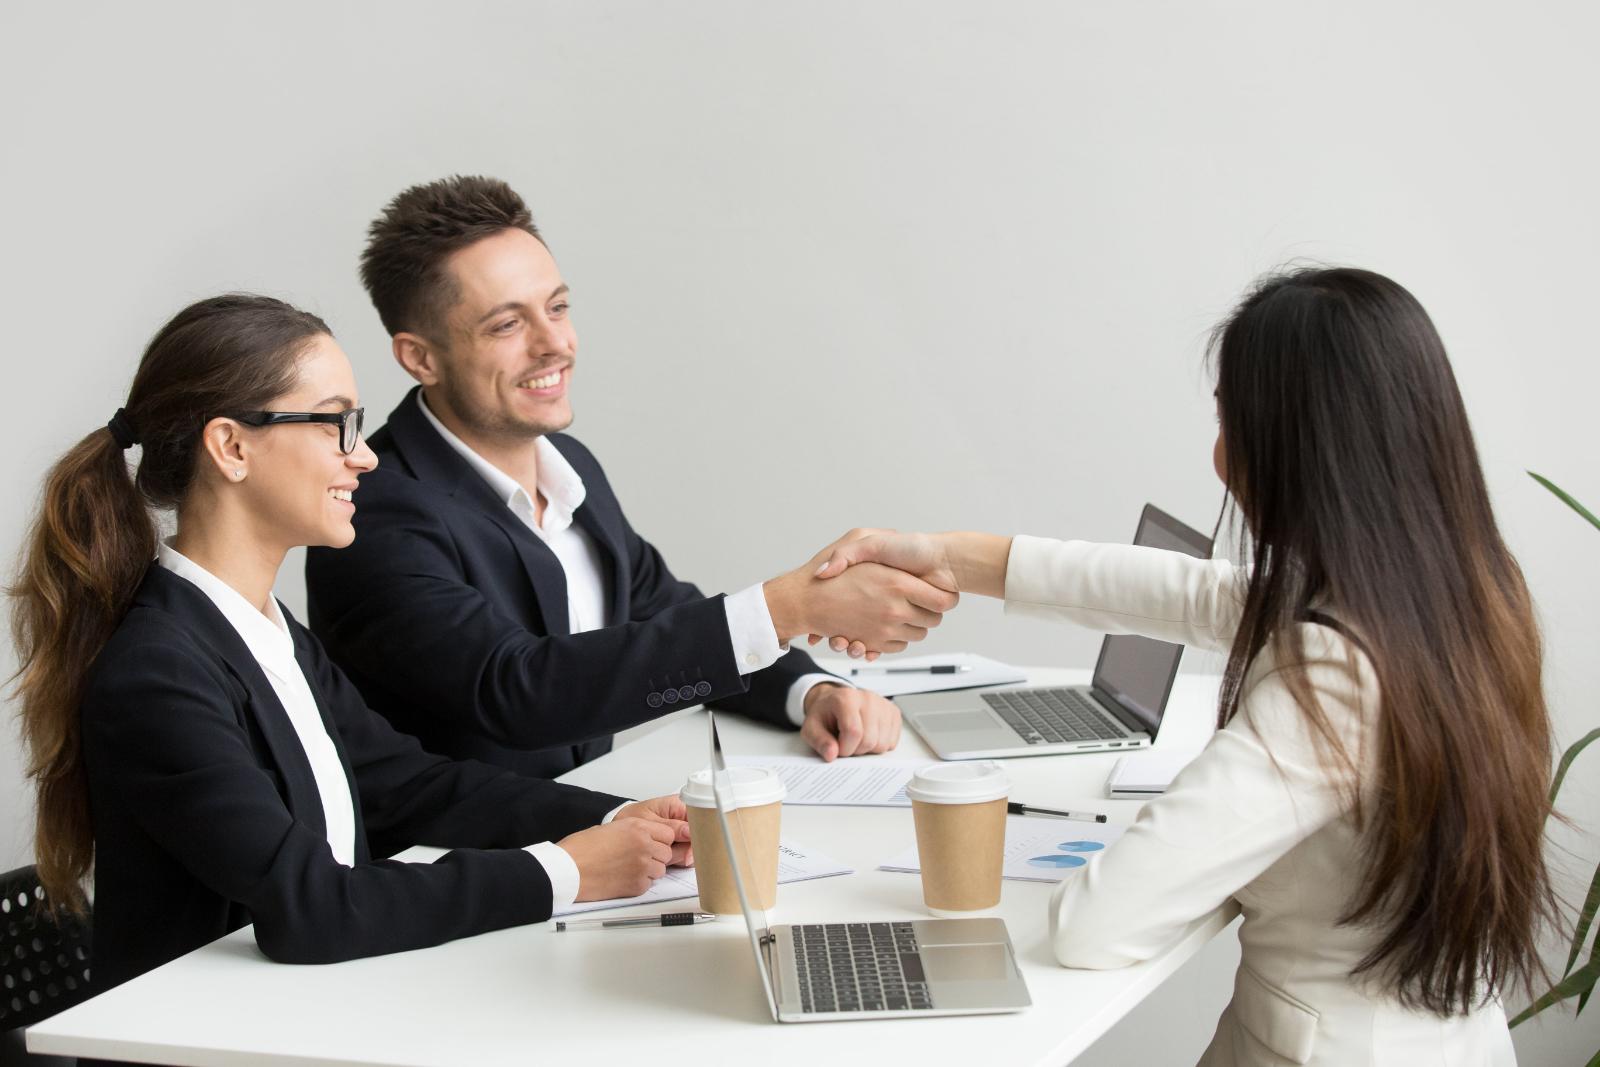 マーケティングを業務委託に任せるメリットは?エージェントの正しい選び方まで解説